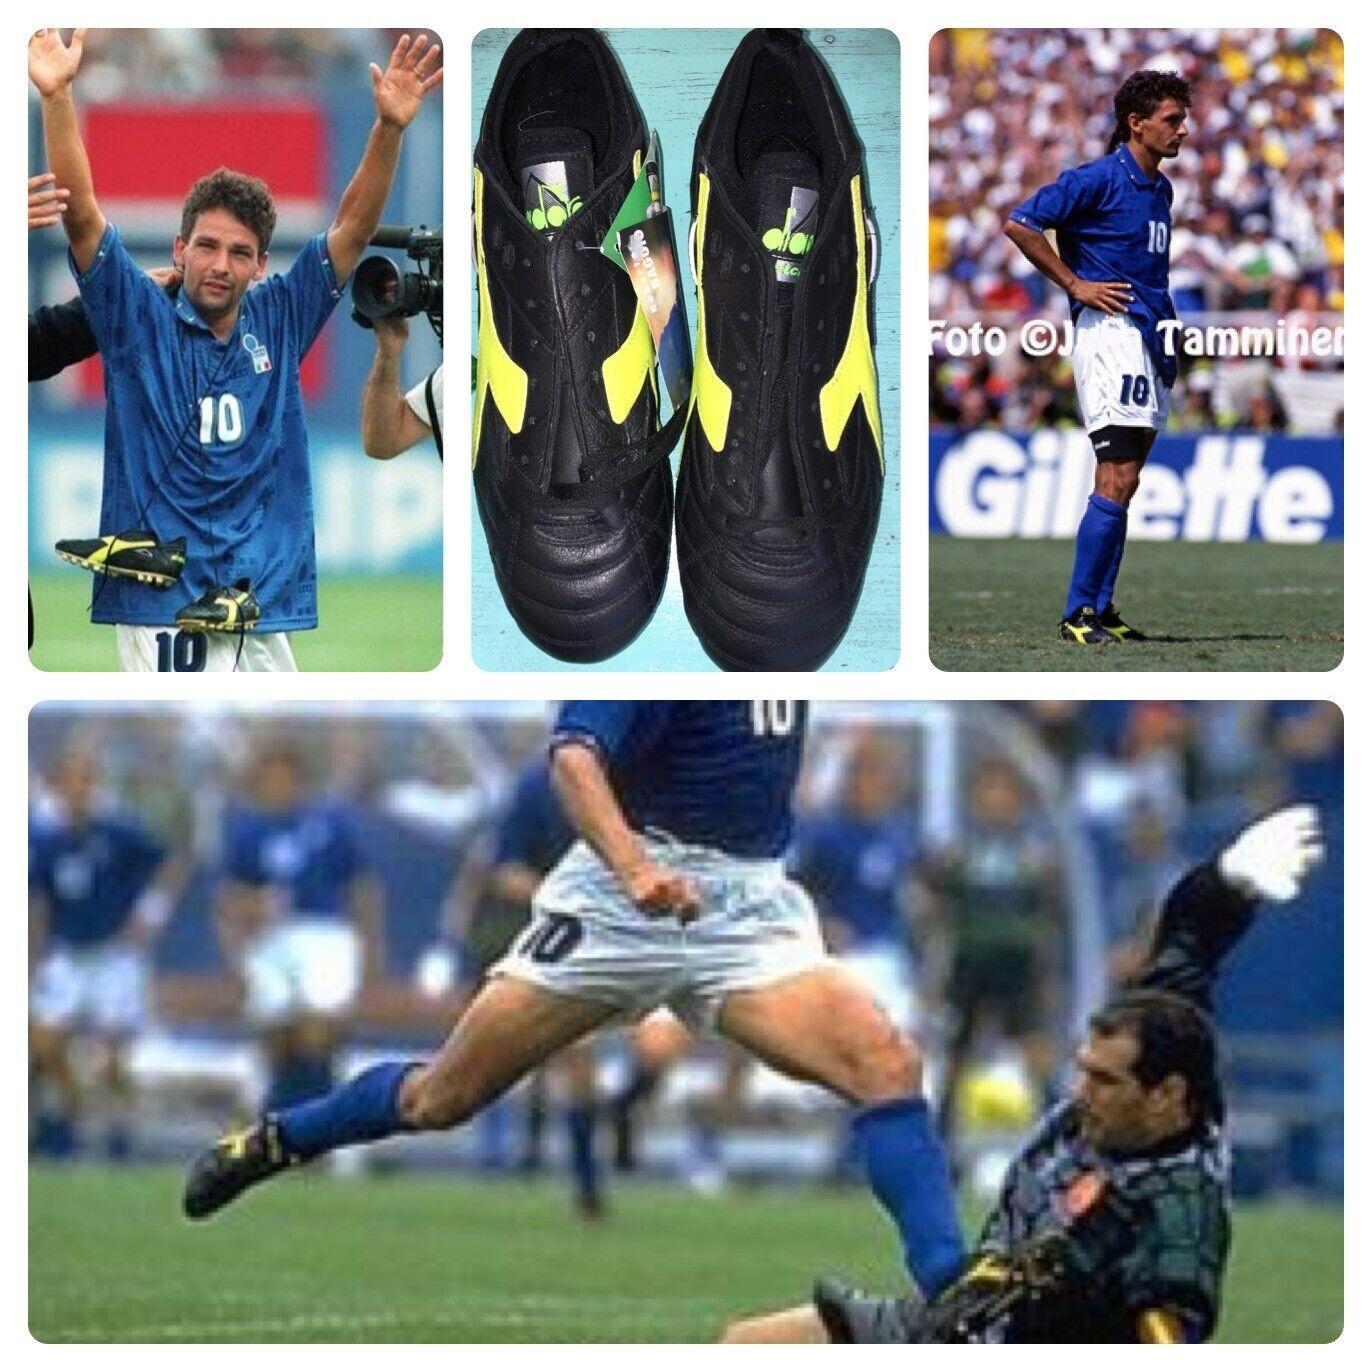 Diadora De Colección Baggio ganador del partido Sg Hecho en Italia Botines De Fútbol Zapatos 7.5